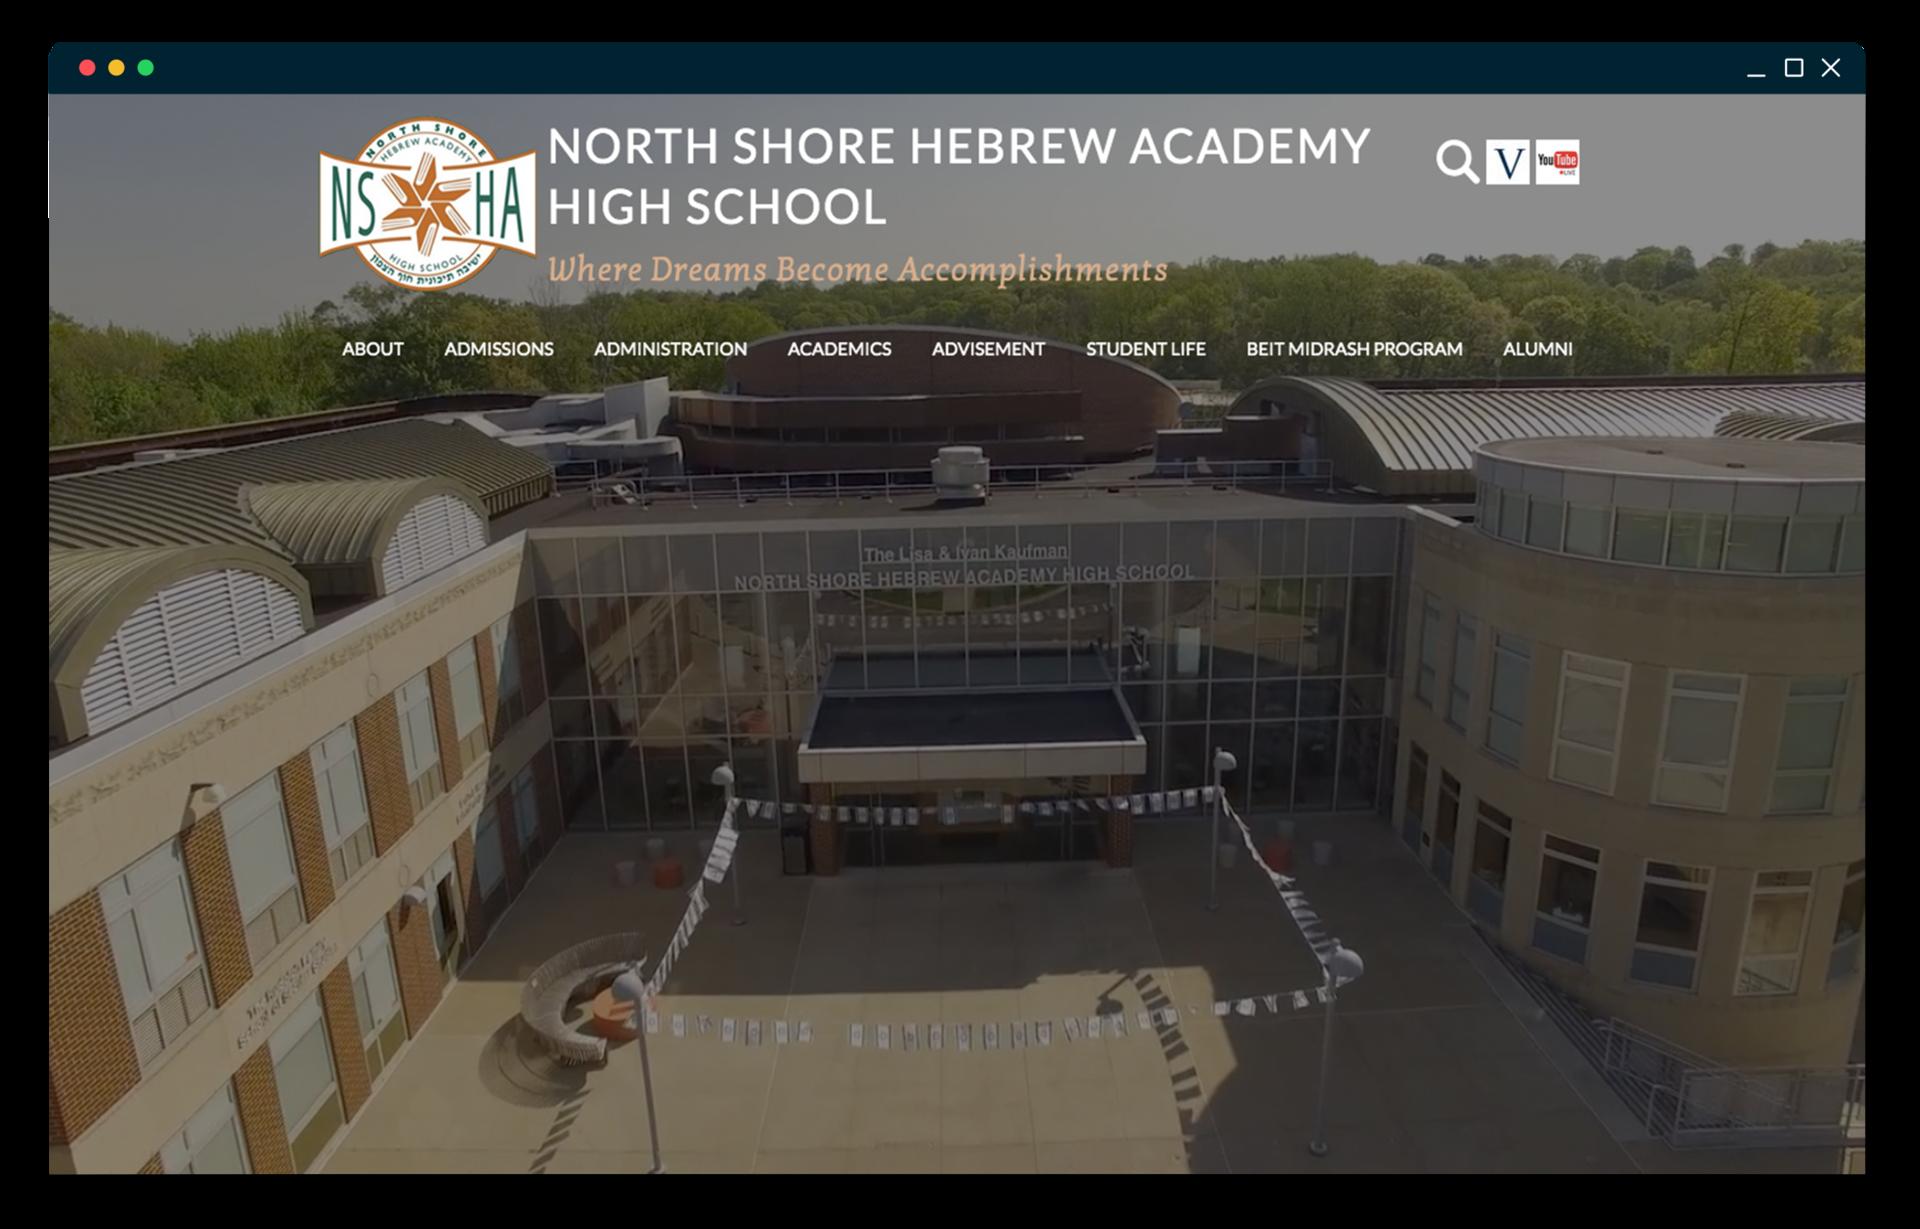 North Shore Hebrew Academy High School homepage